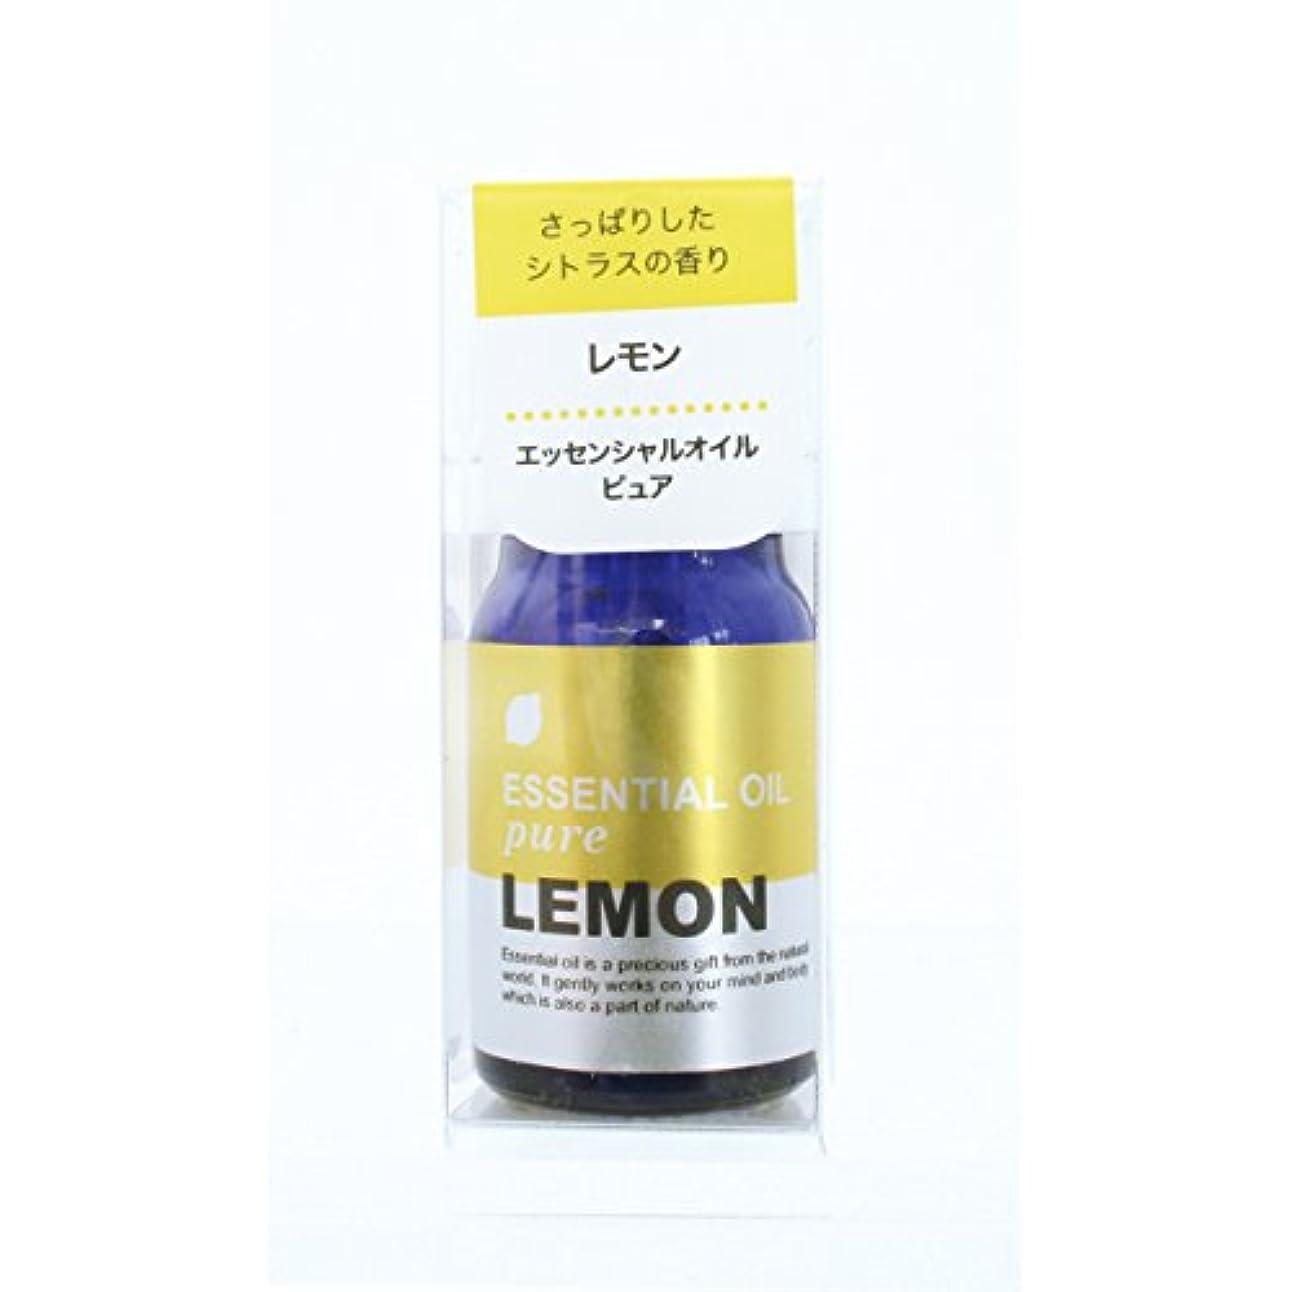 アナロジー叫び声再生的プチエッセンシャルオイル レモン